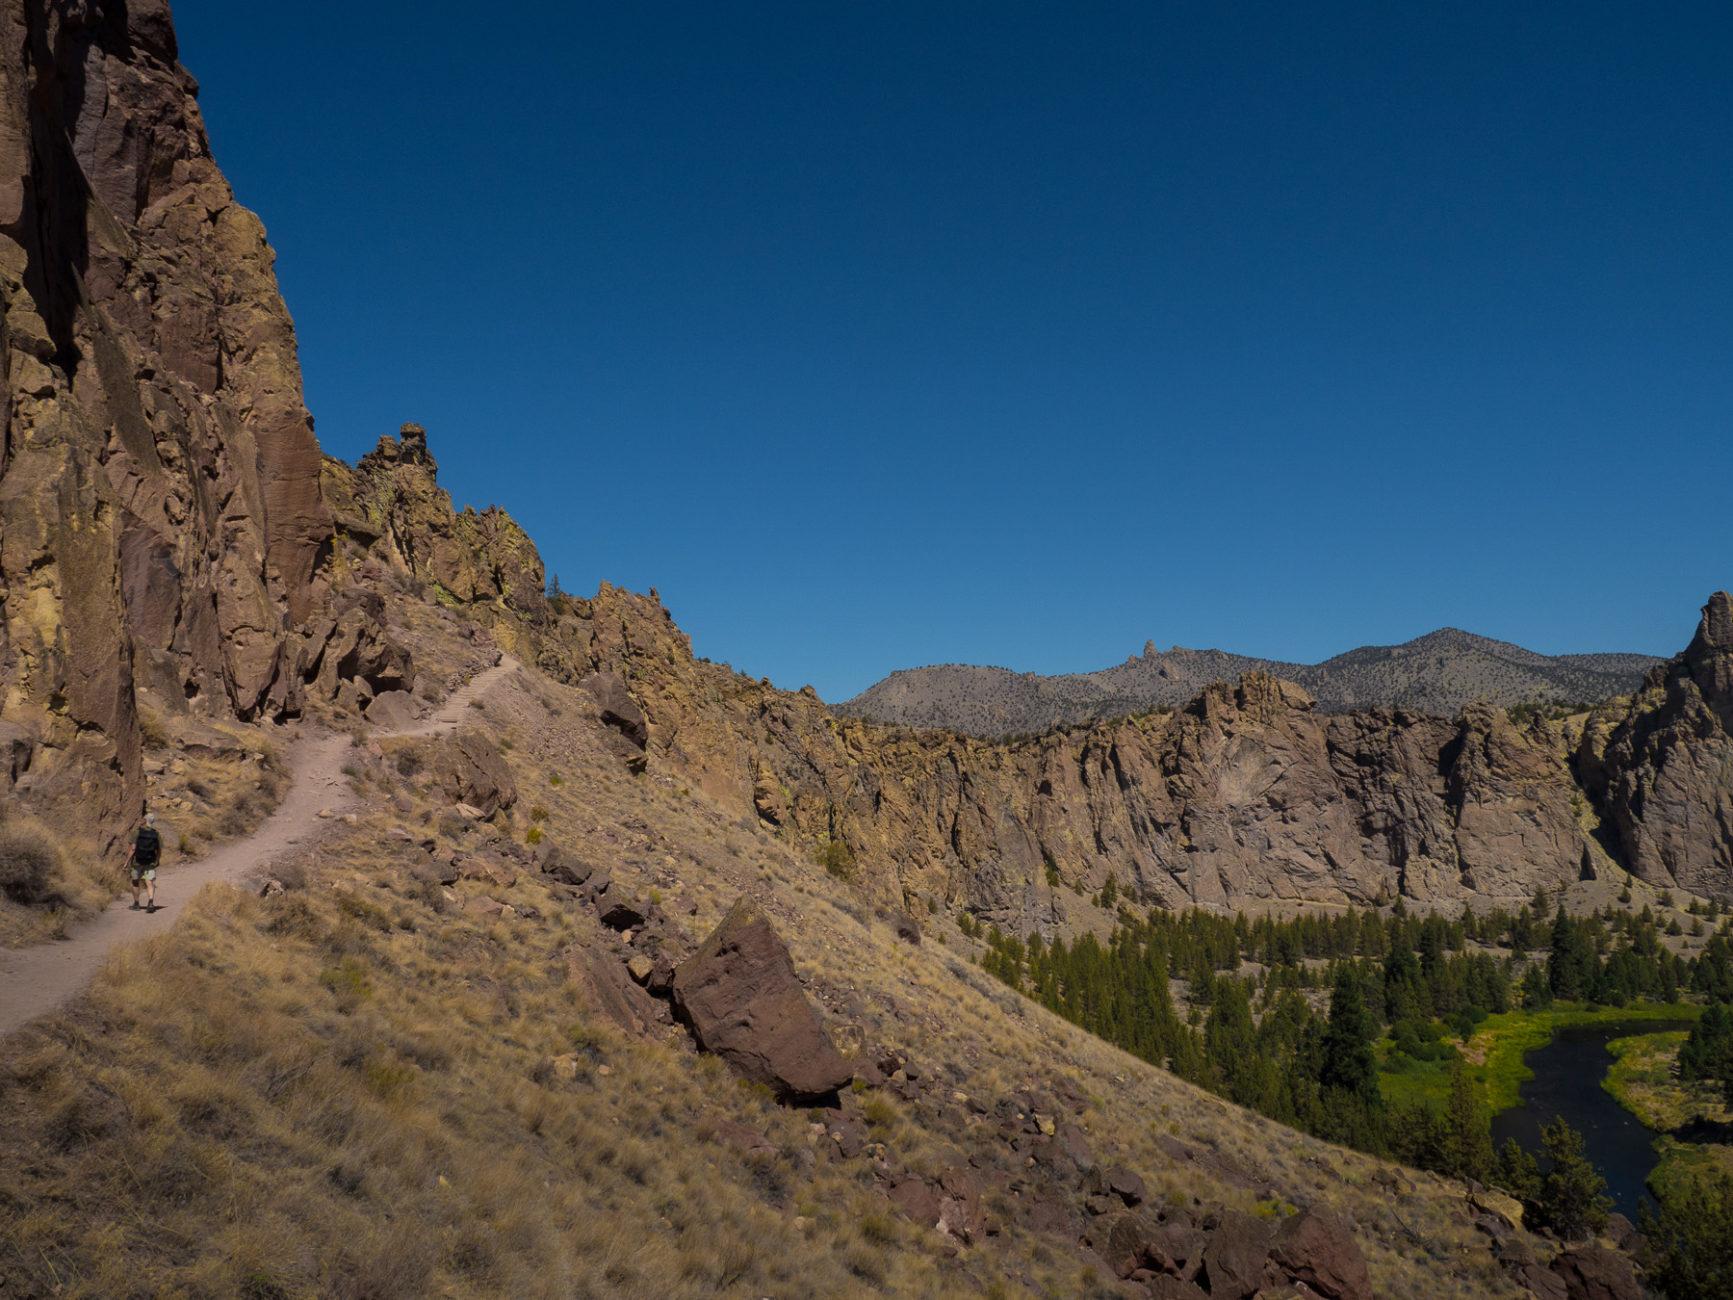 Wanderung in den Smith Rocks